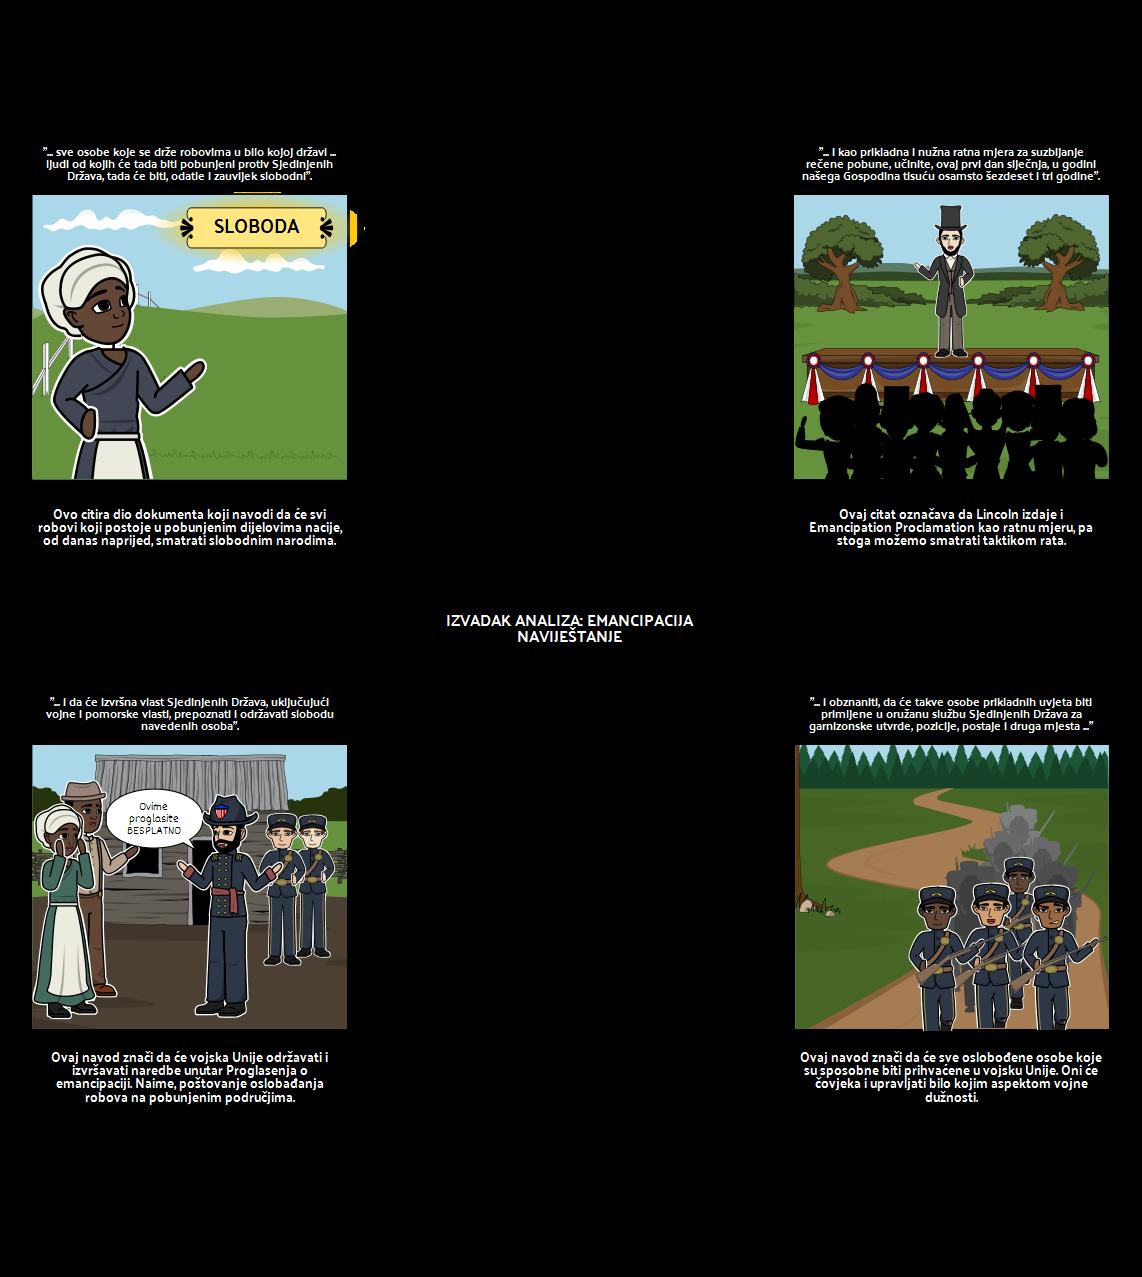 Analiza Ekstrakta Izjava o Emancipaciji